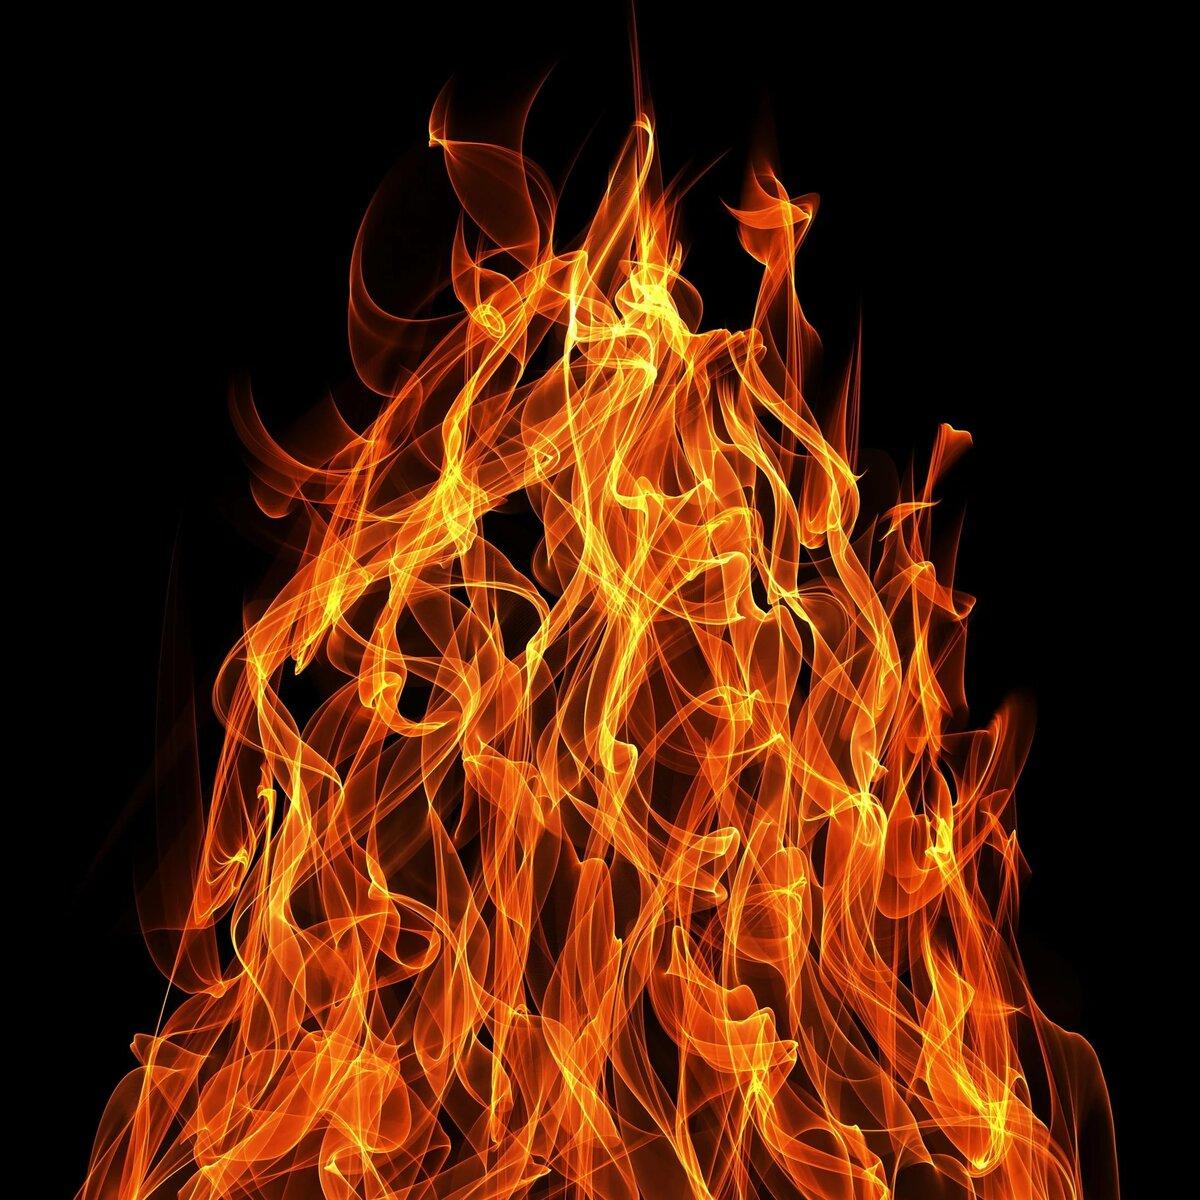 продаже картинка пылающий огонь когда девушки садились